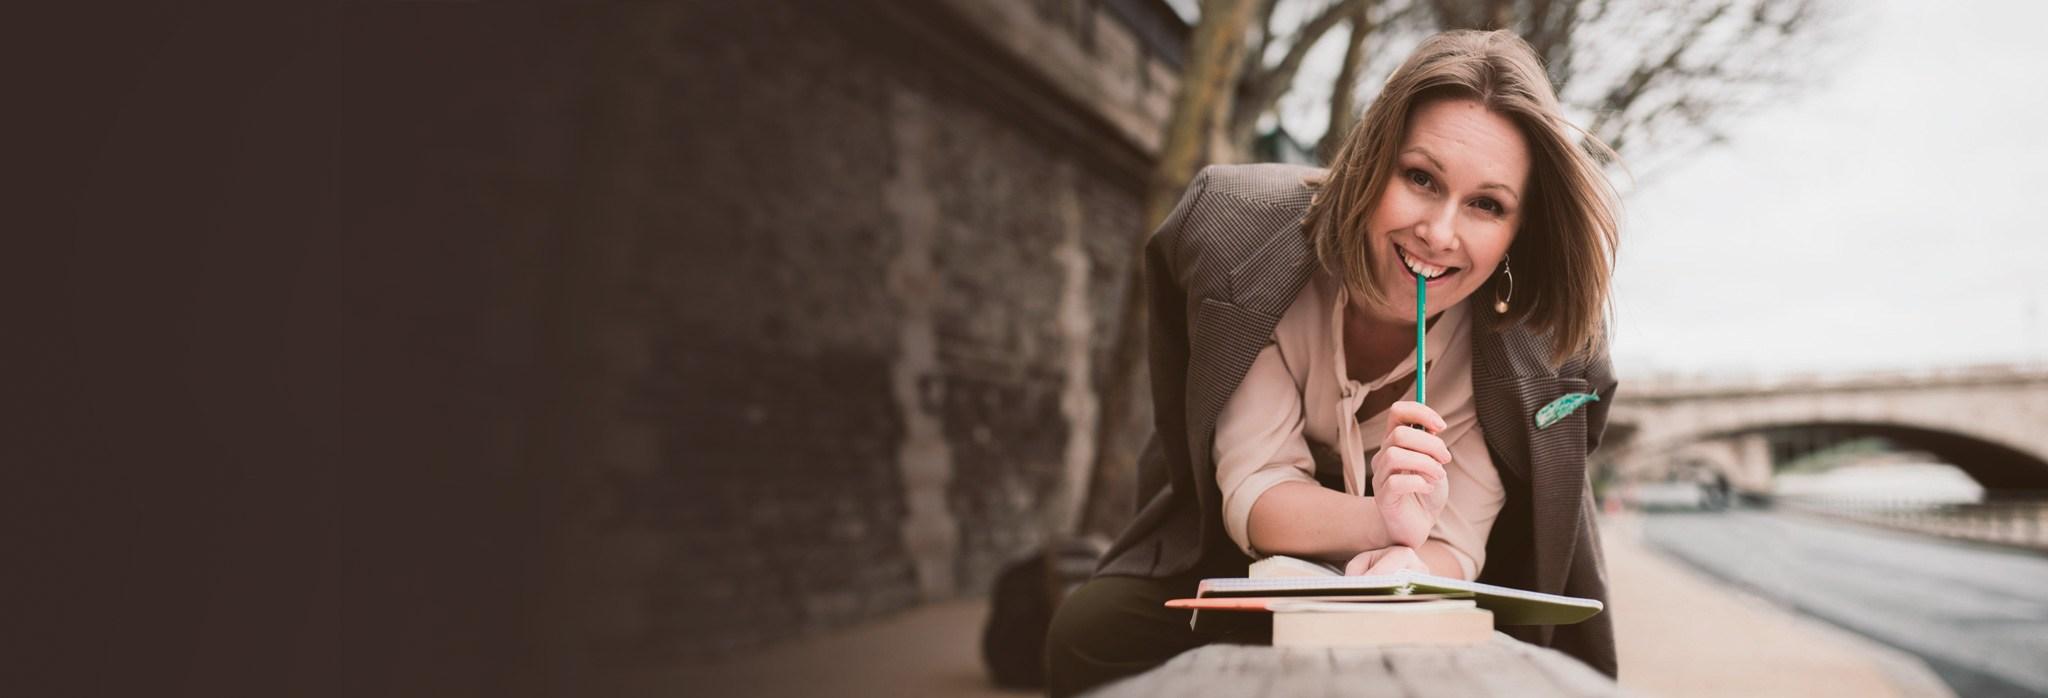 Курсы писательства и сторителлинг Екатерина Оаро | Вдохновить на роман